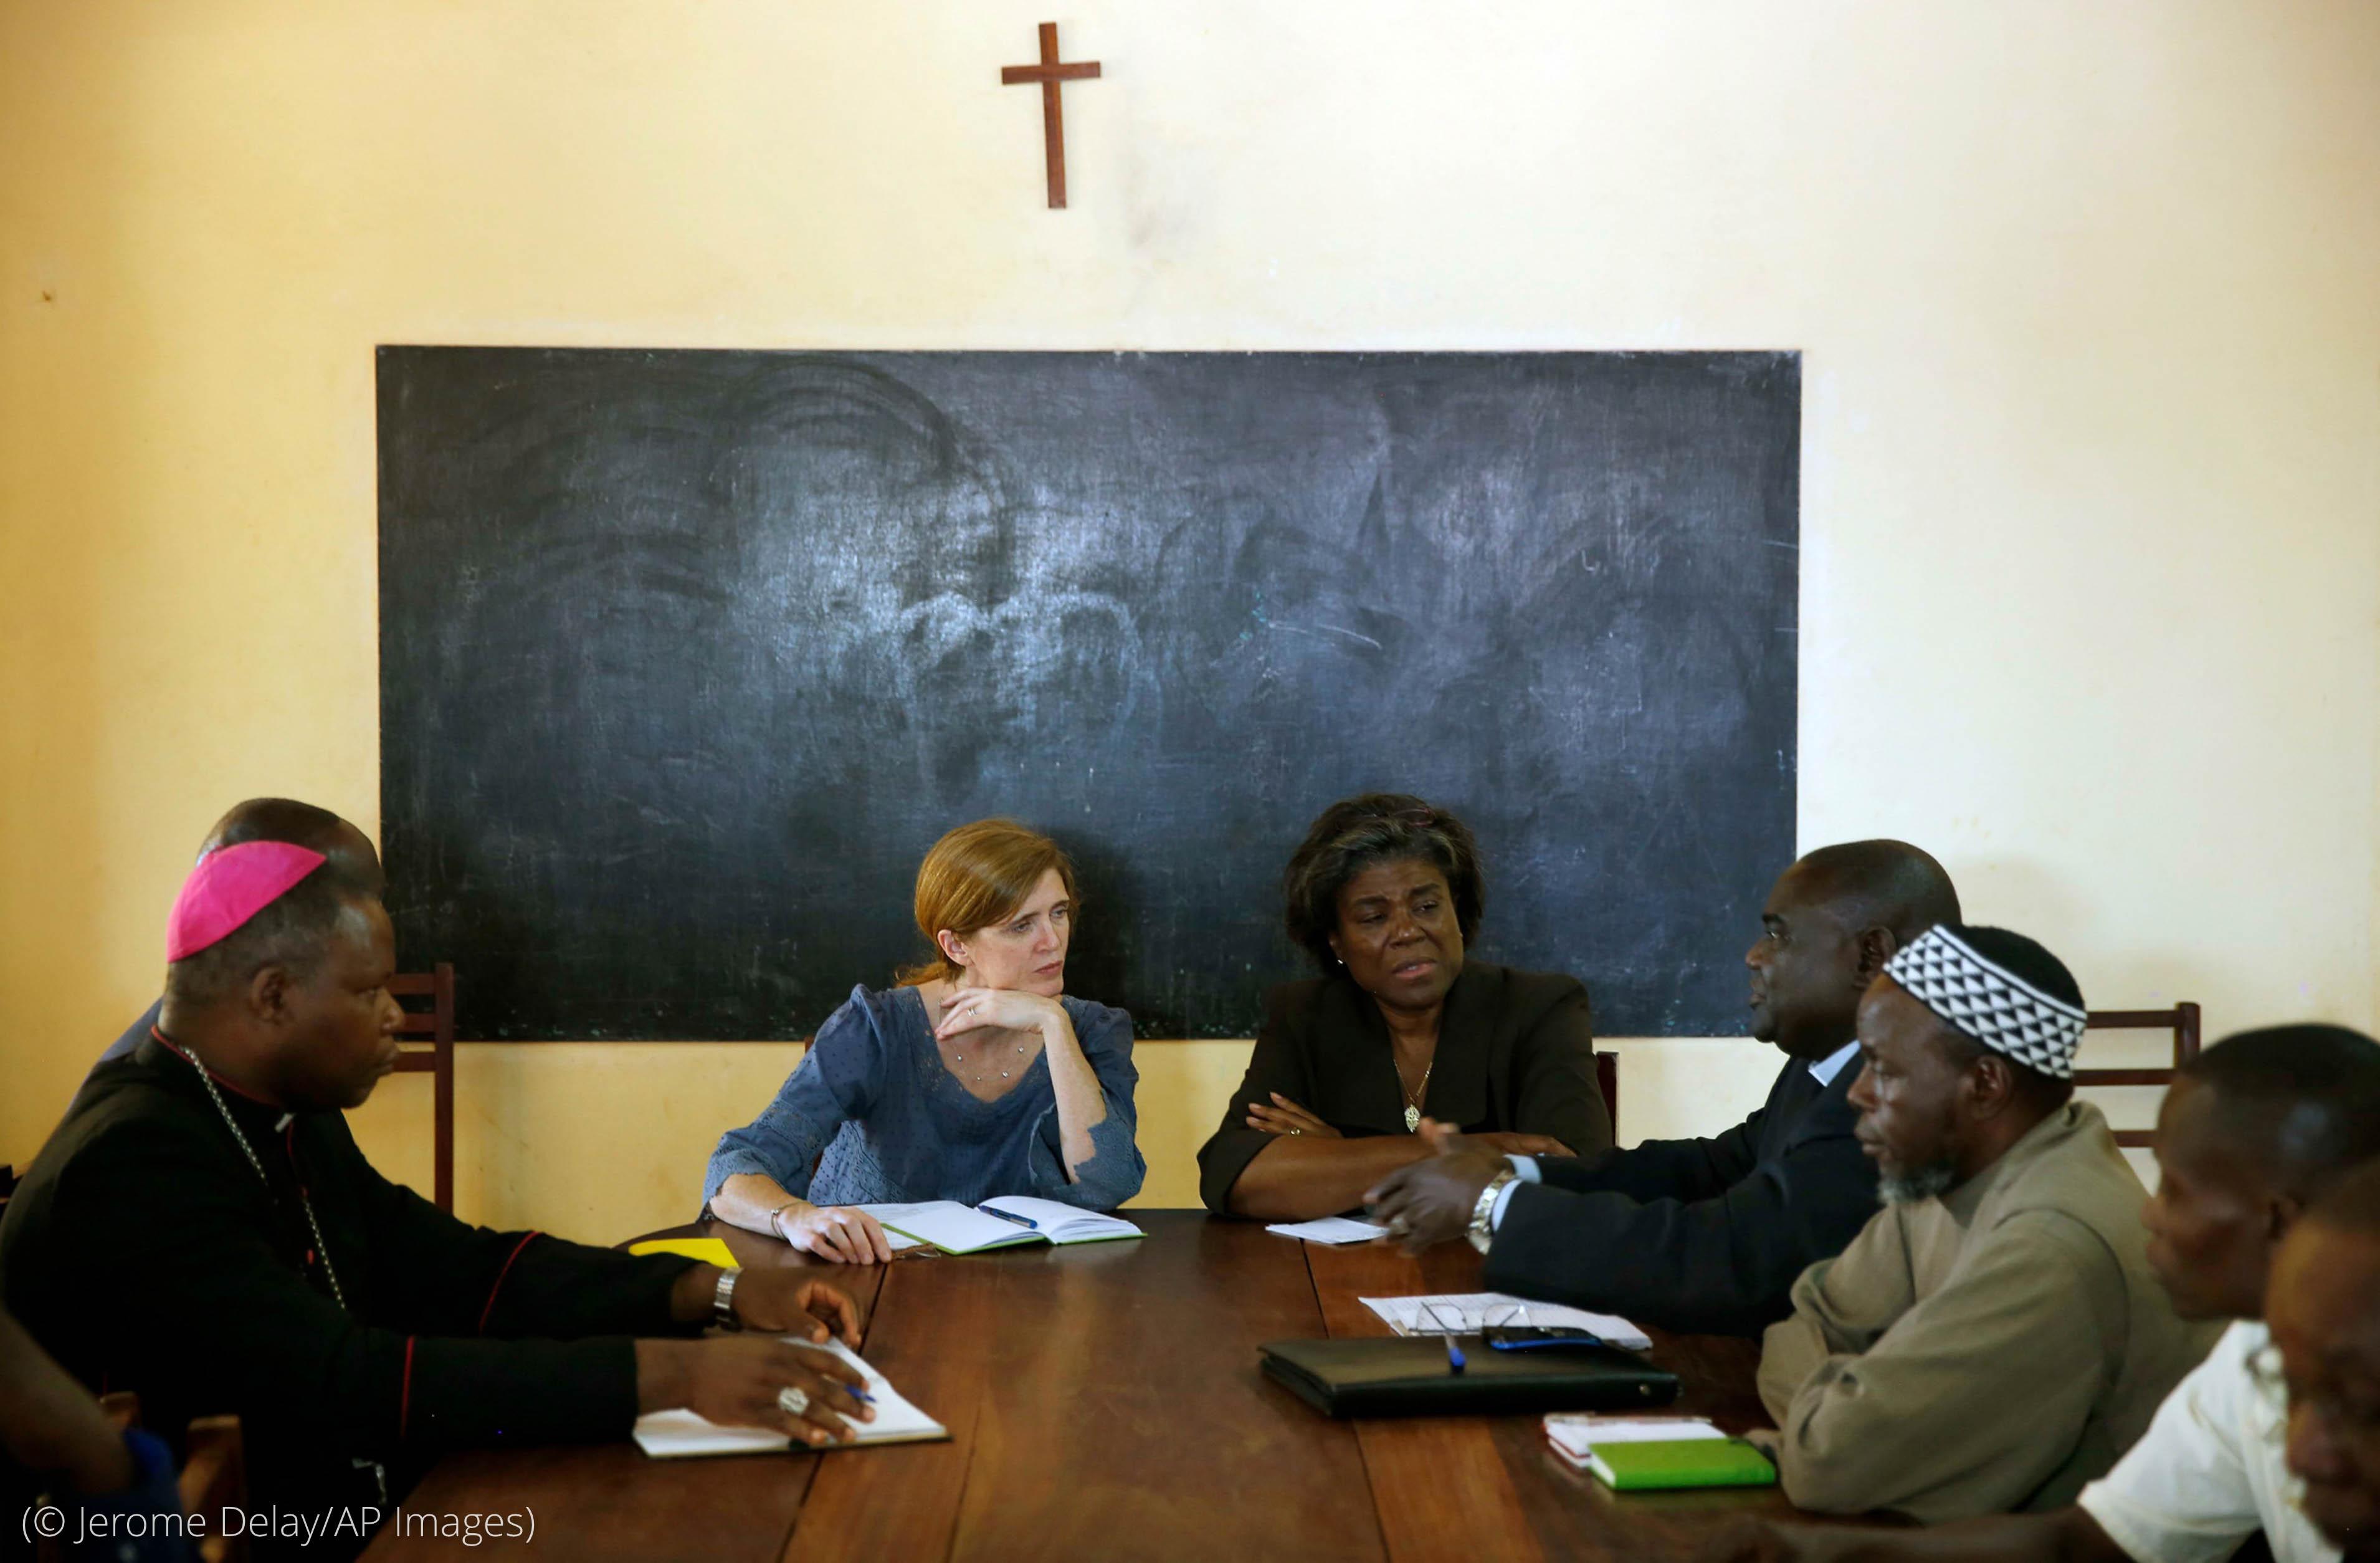 2013年,时任负责非洲事务的助理国务卿的托马斯-格林菲尔德(右中)同时任美国常驻联合国代表萨曼莎·鲍尔(Samantha Power,左中)在中非共和国班基(Bangui)同穆斯林和基督教领导人会晤。(© Jerome Delay/AP Images)